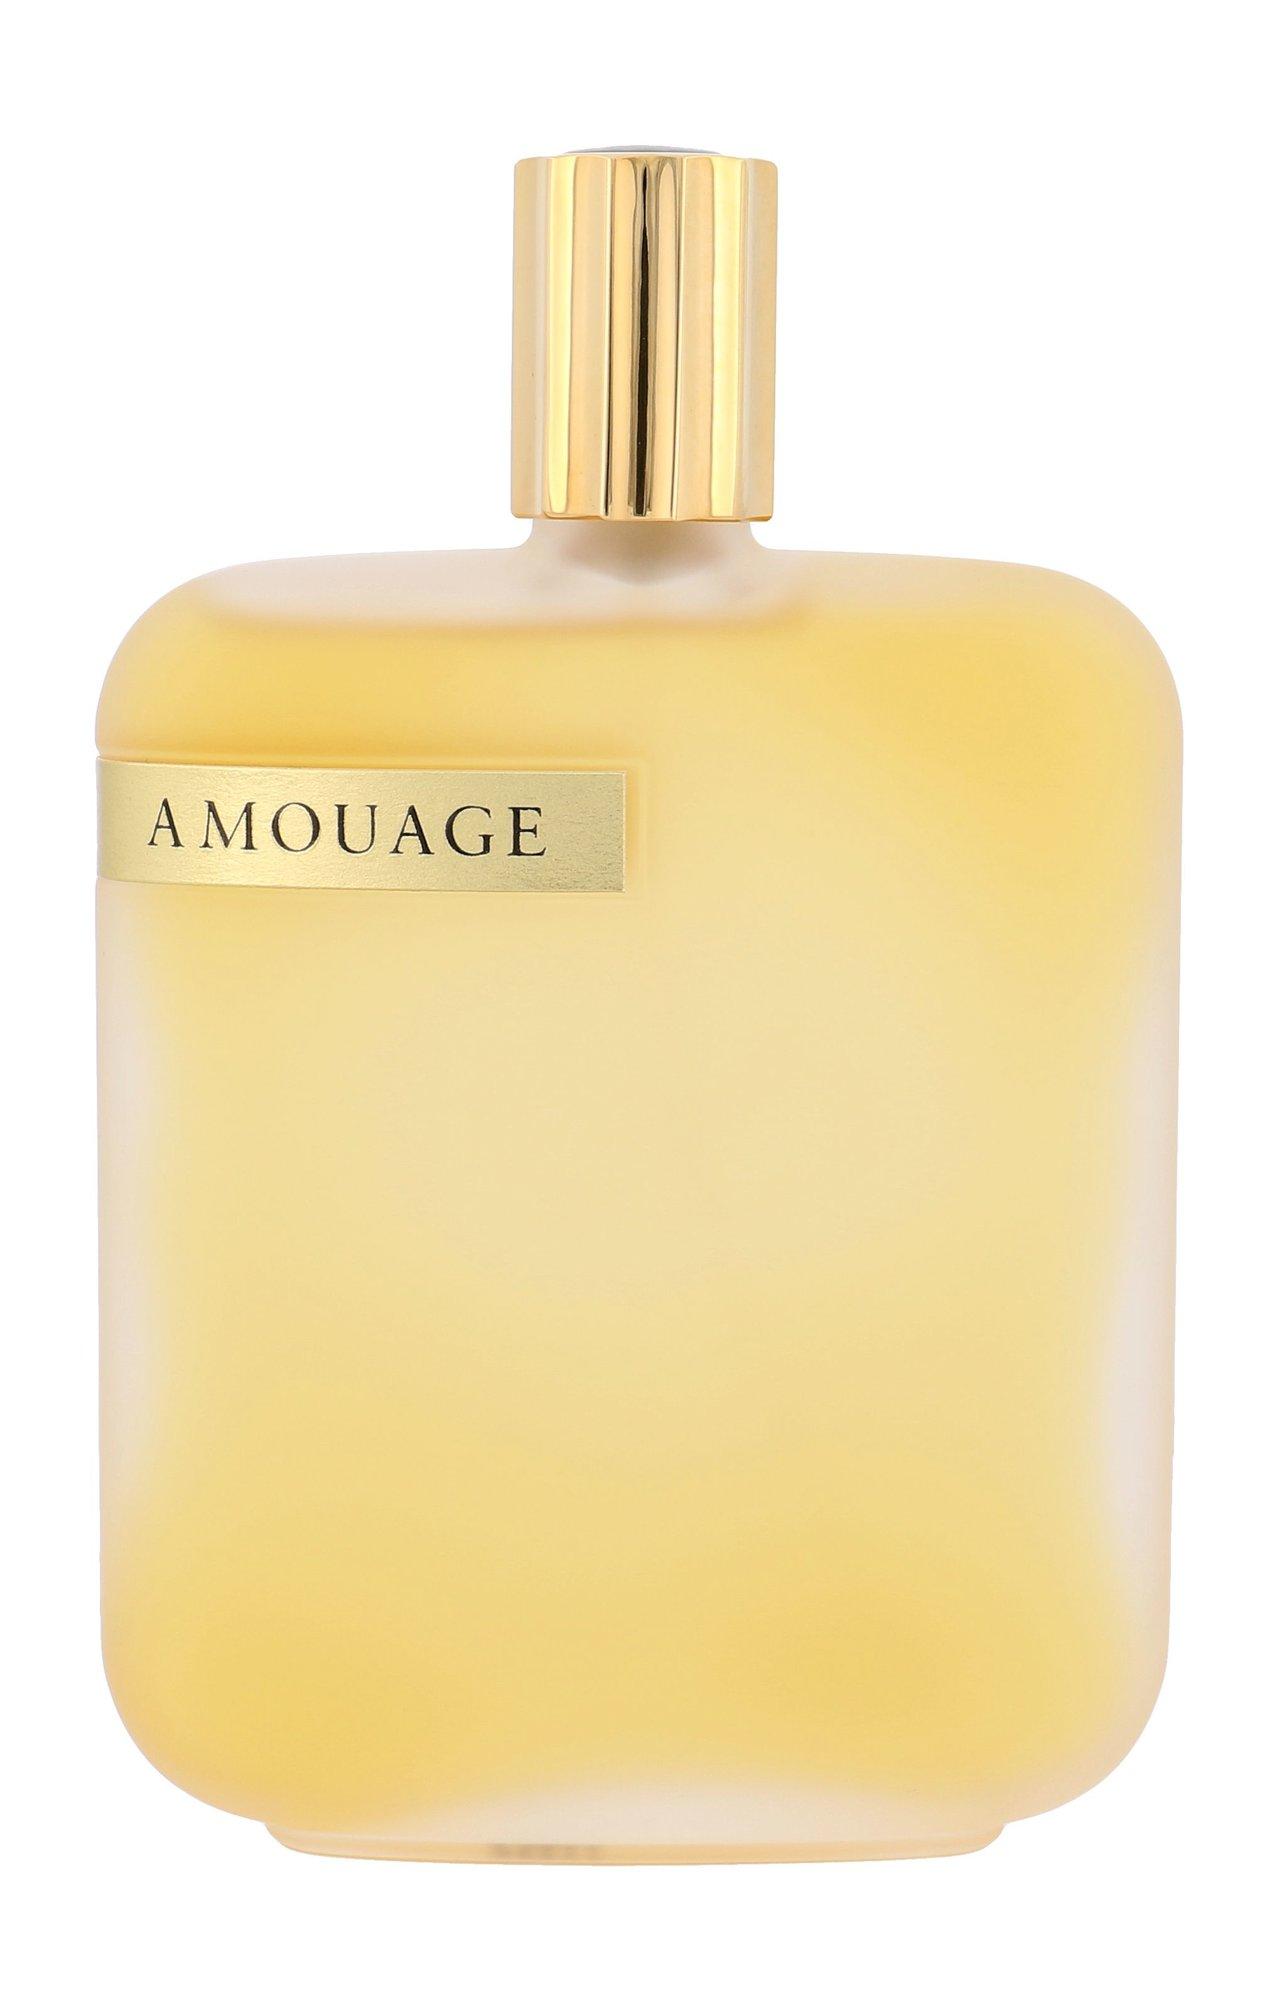 Amouage The Library Collection Opus I Eau de Parfum 100ml